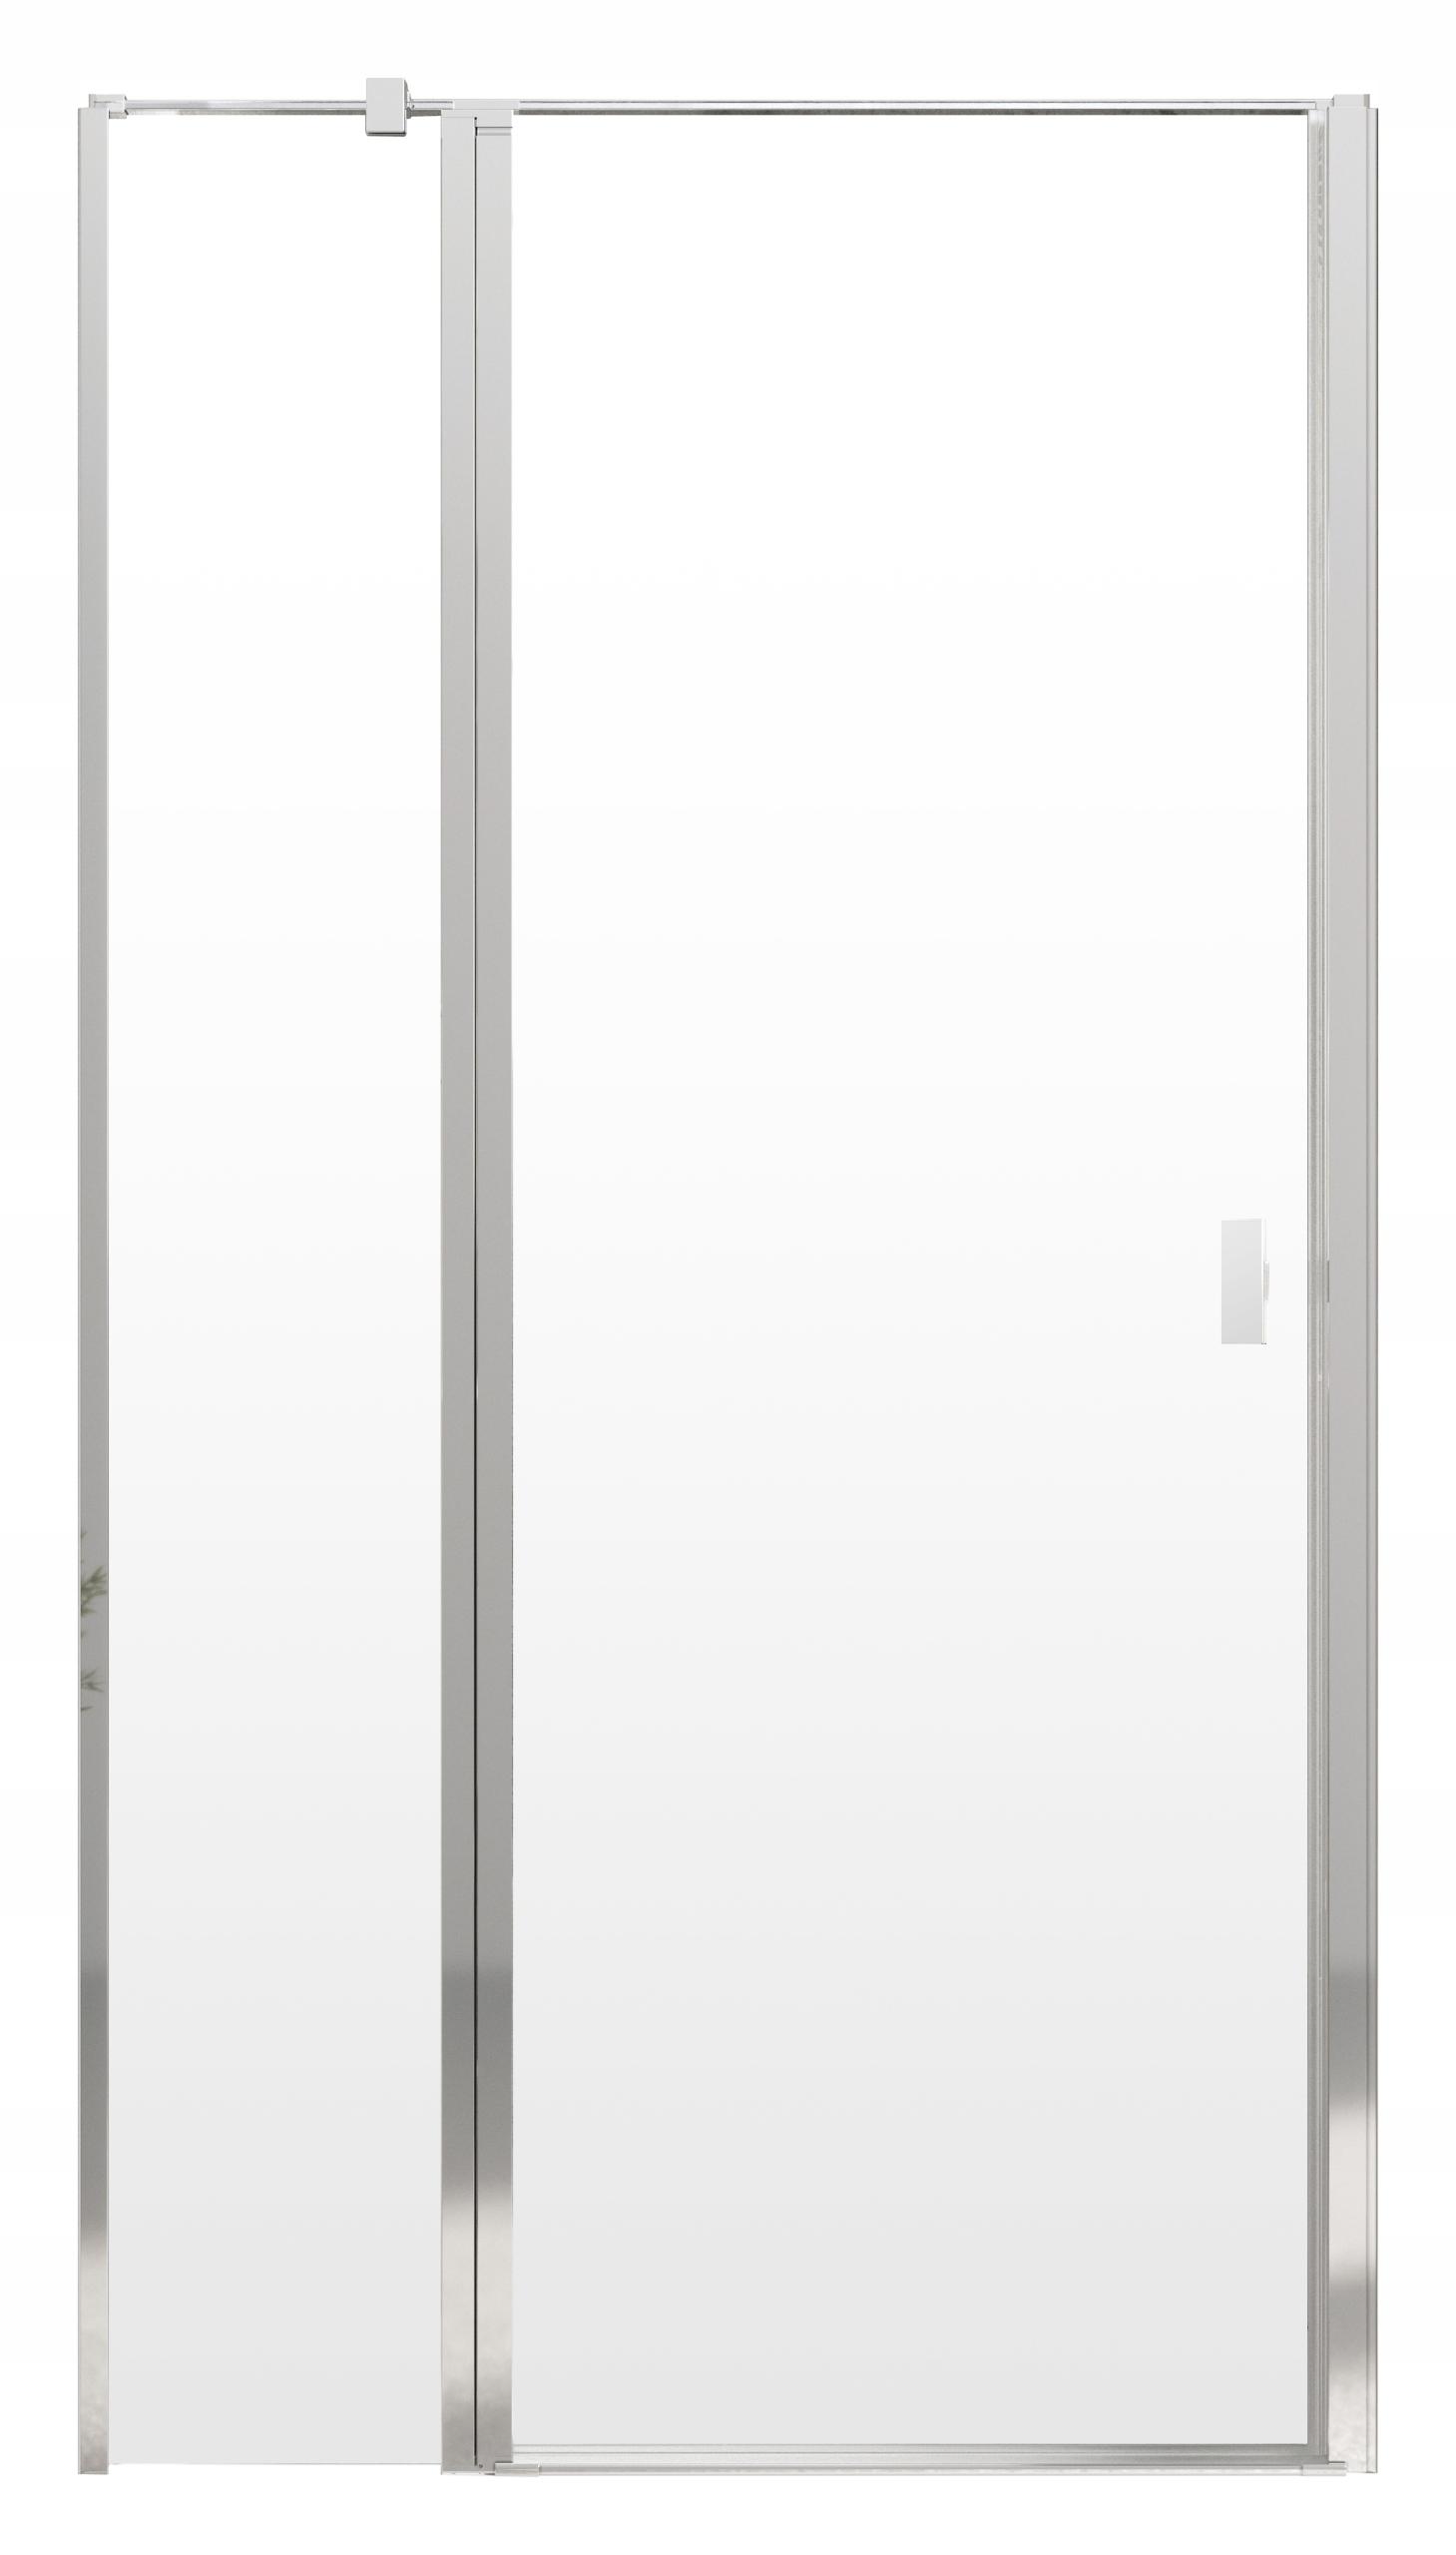 Sprchové dvere Nes DWJ II 120x200 RADAWAY